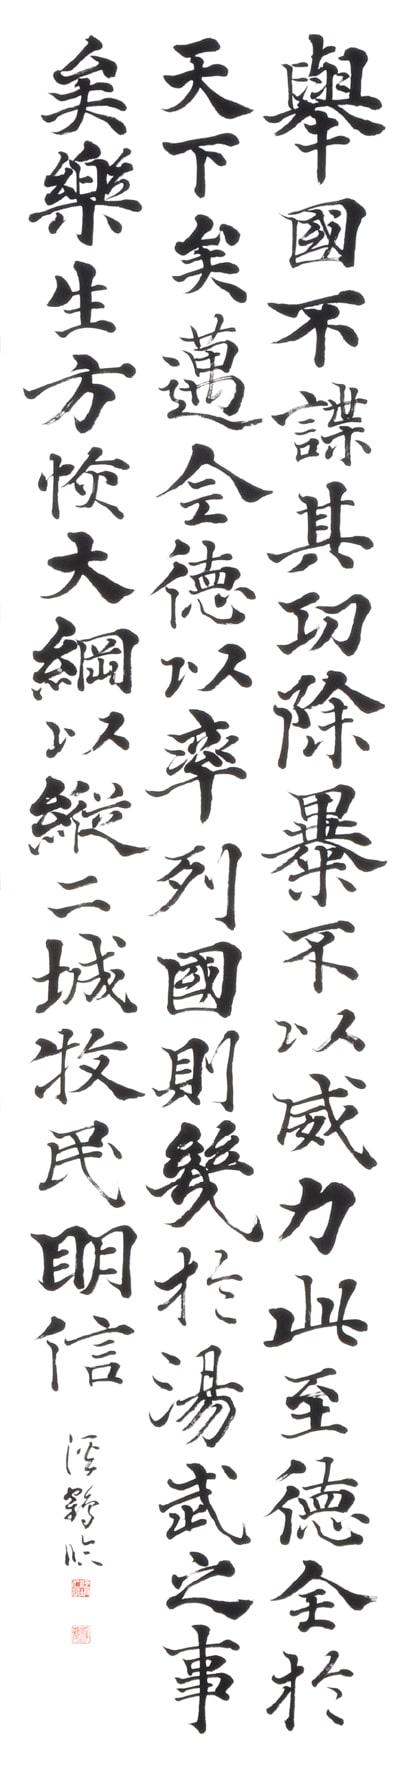 江坂溪鶴2019全書芸展作品画像